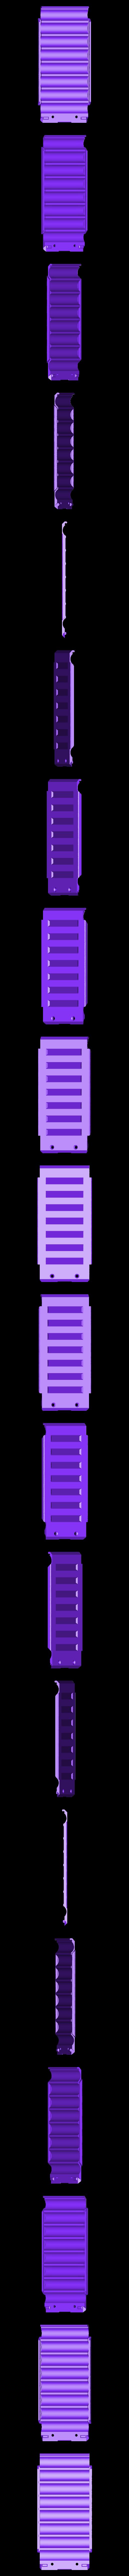 18650_8P_lid_V2.stl Télécharger fichier STL gratuit NESE, le module V2 sans soudure 18650 (FERMÉ) • Objet pour imprimante 3D, 18650